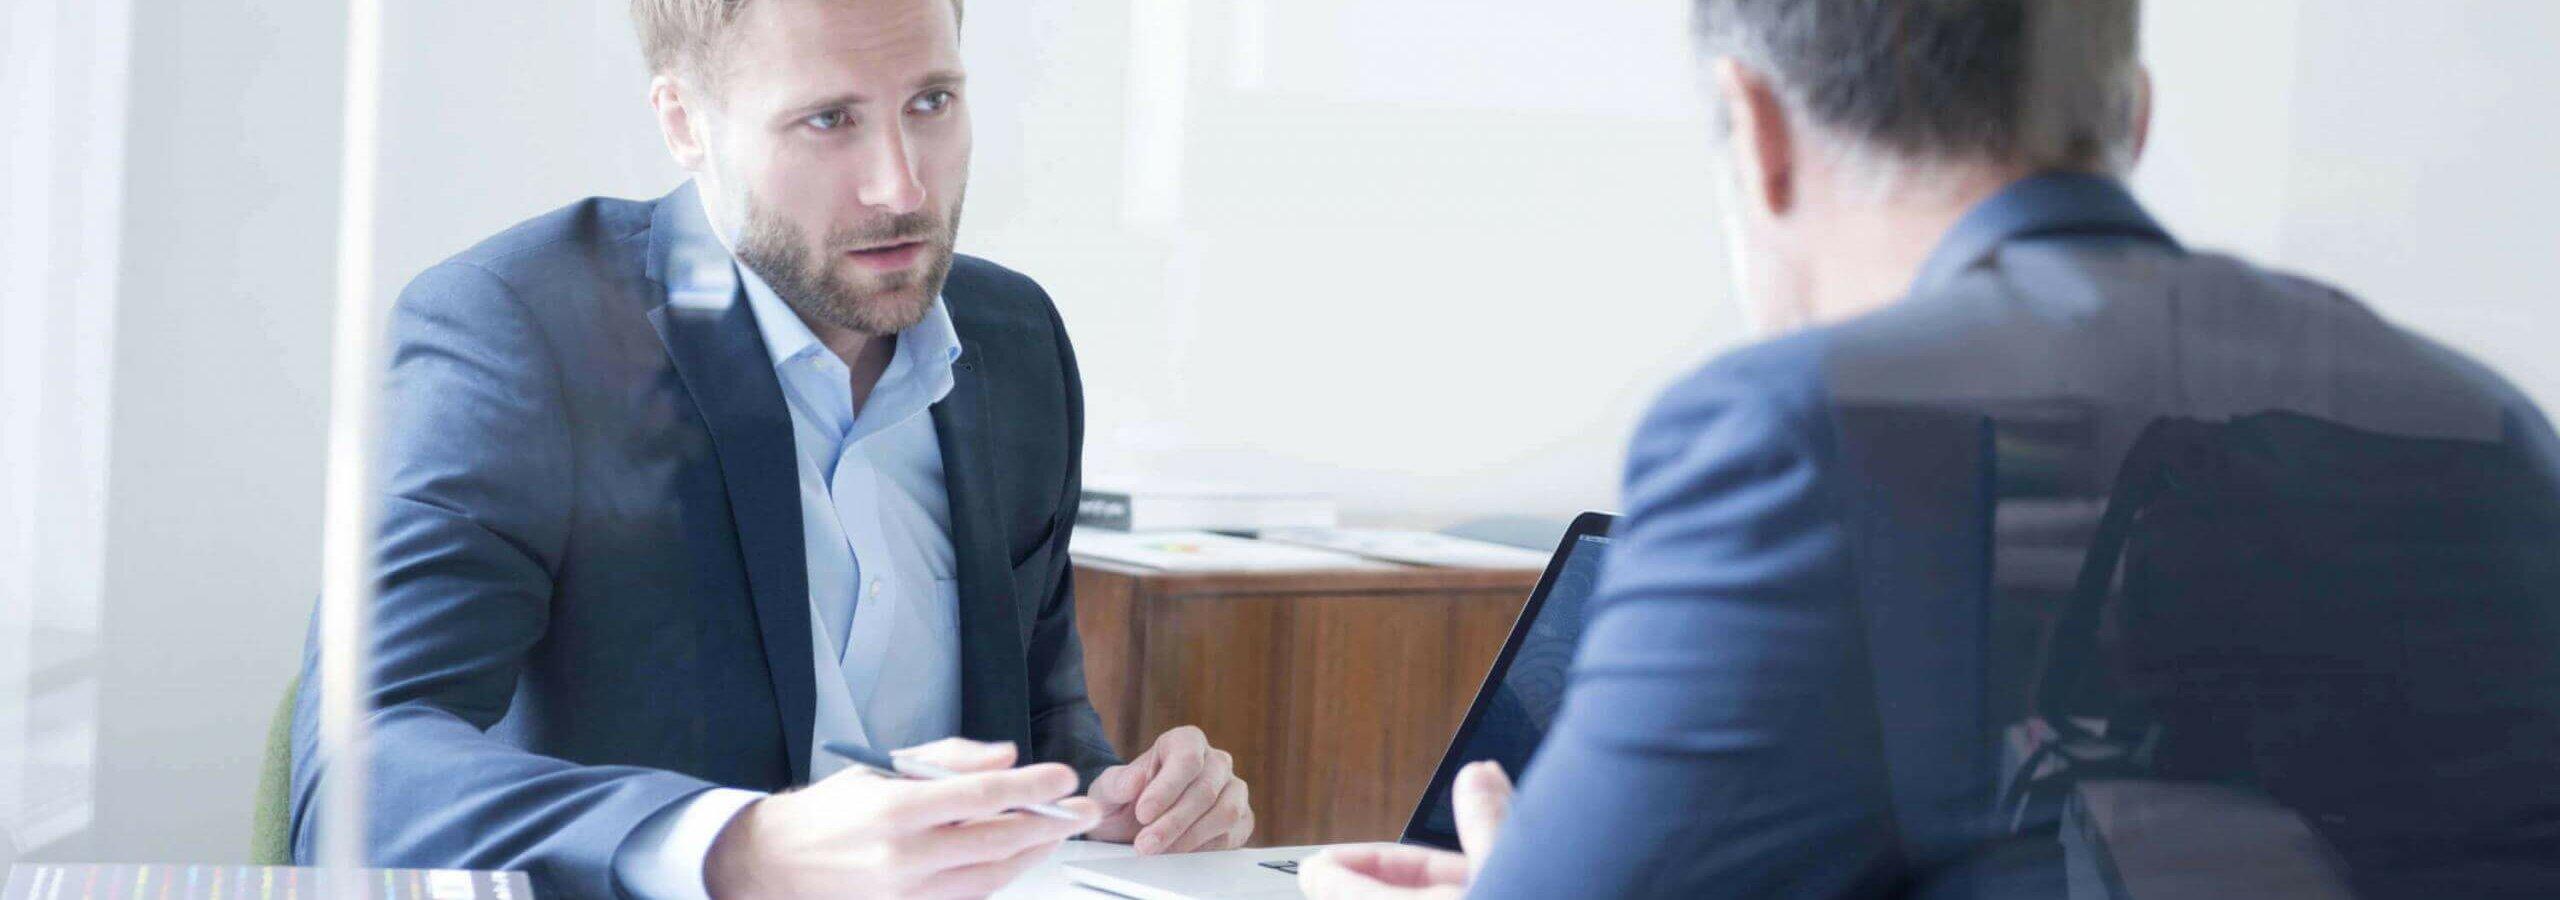 Tysers Insurance Brokers | Complaints Handling Procedure